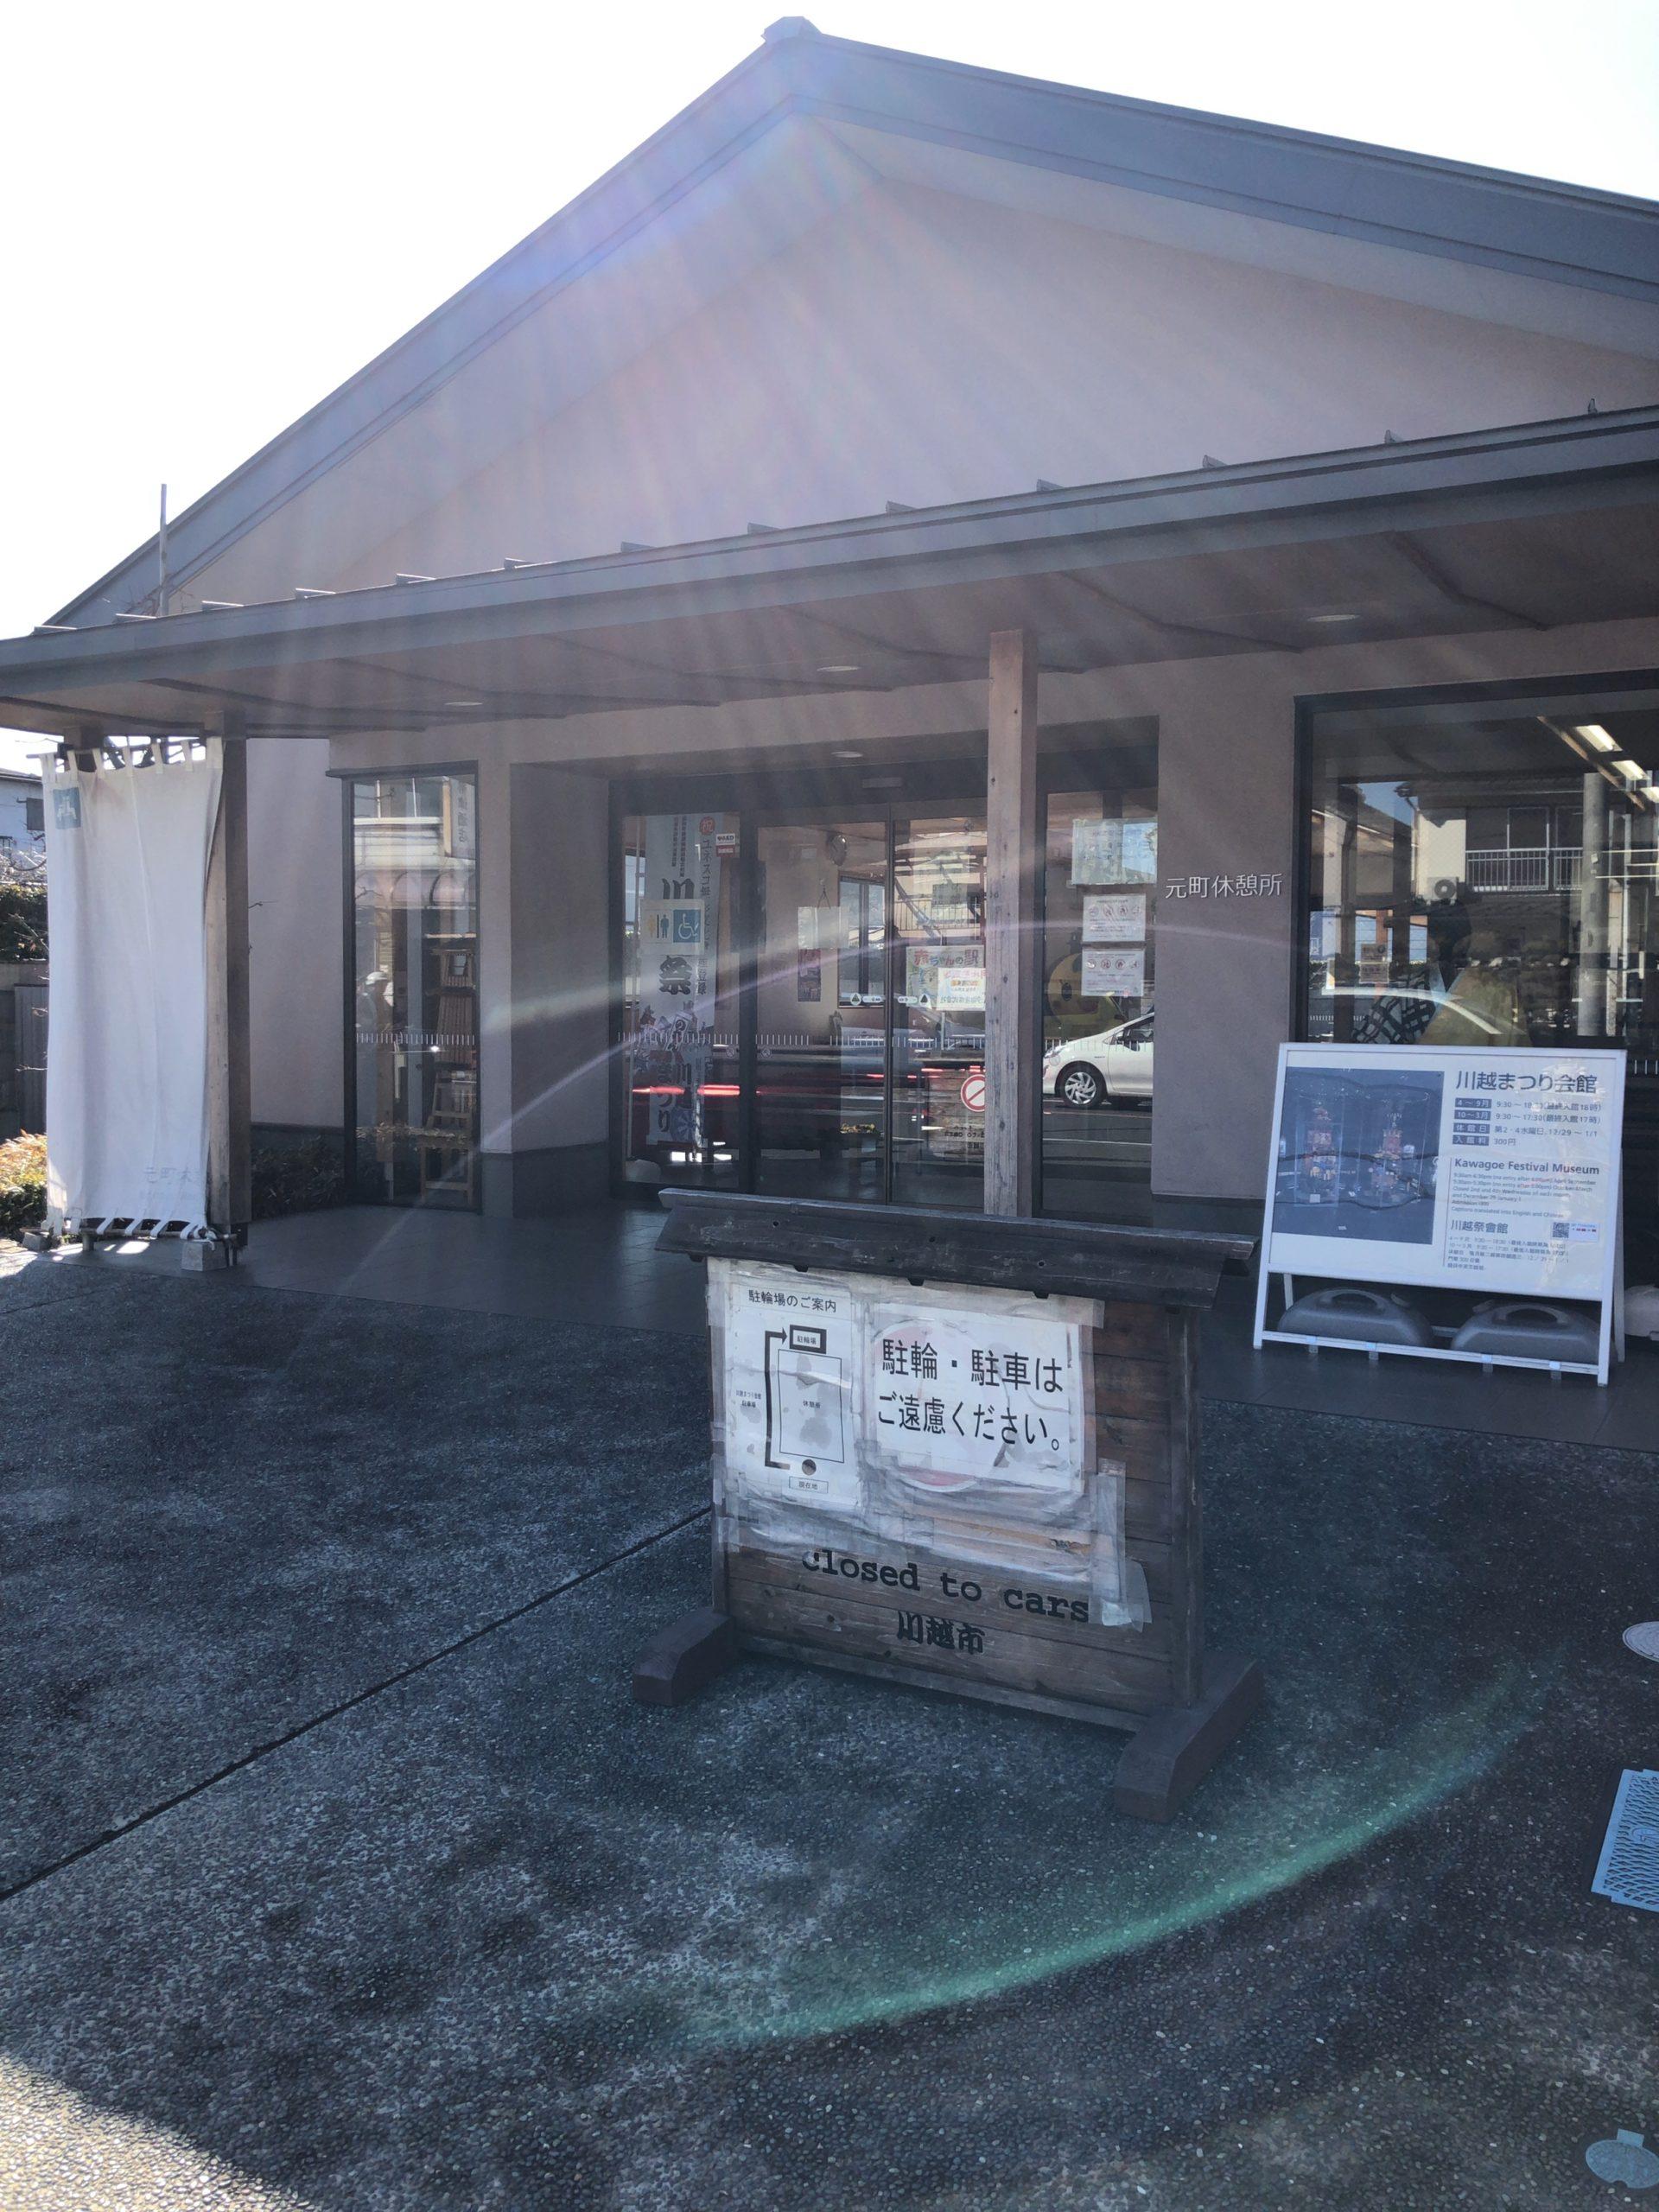 菓子屋横丁に寄ったら「元町休憩所」でトイレ&おむつ替え、休憩スペースで一休み